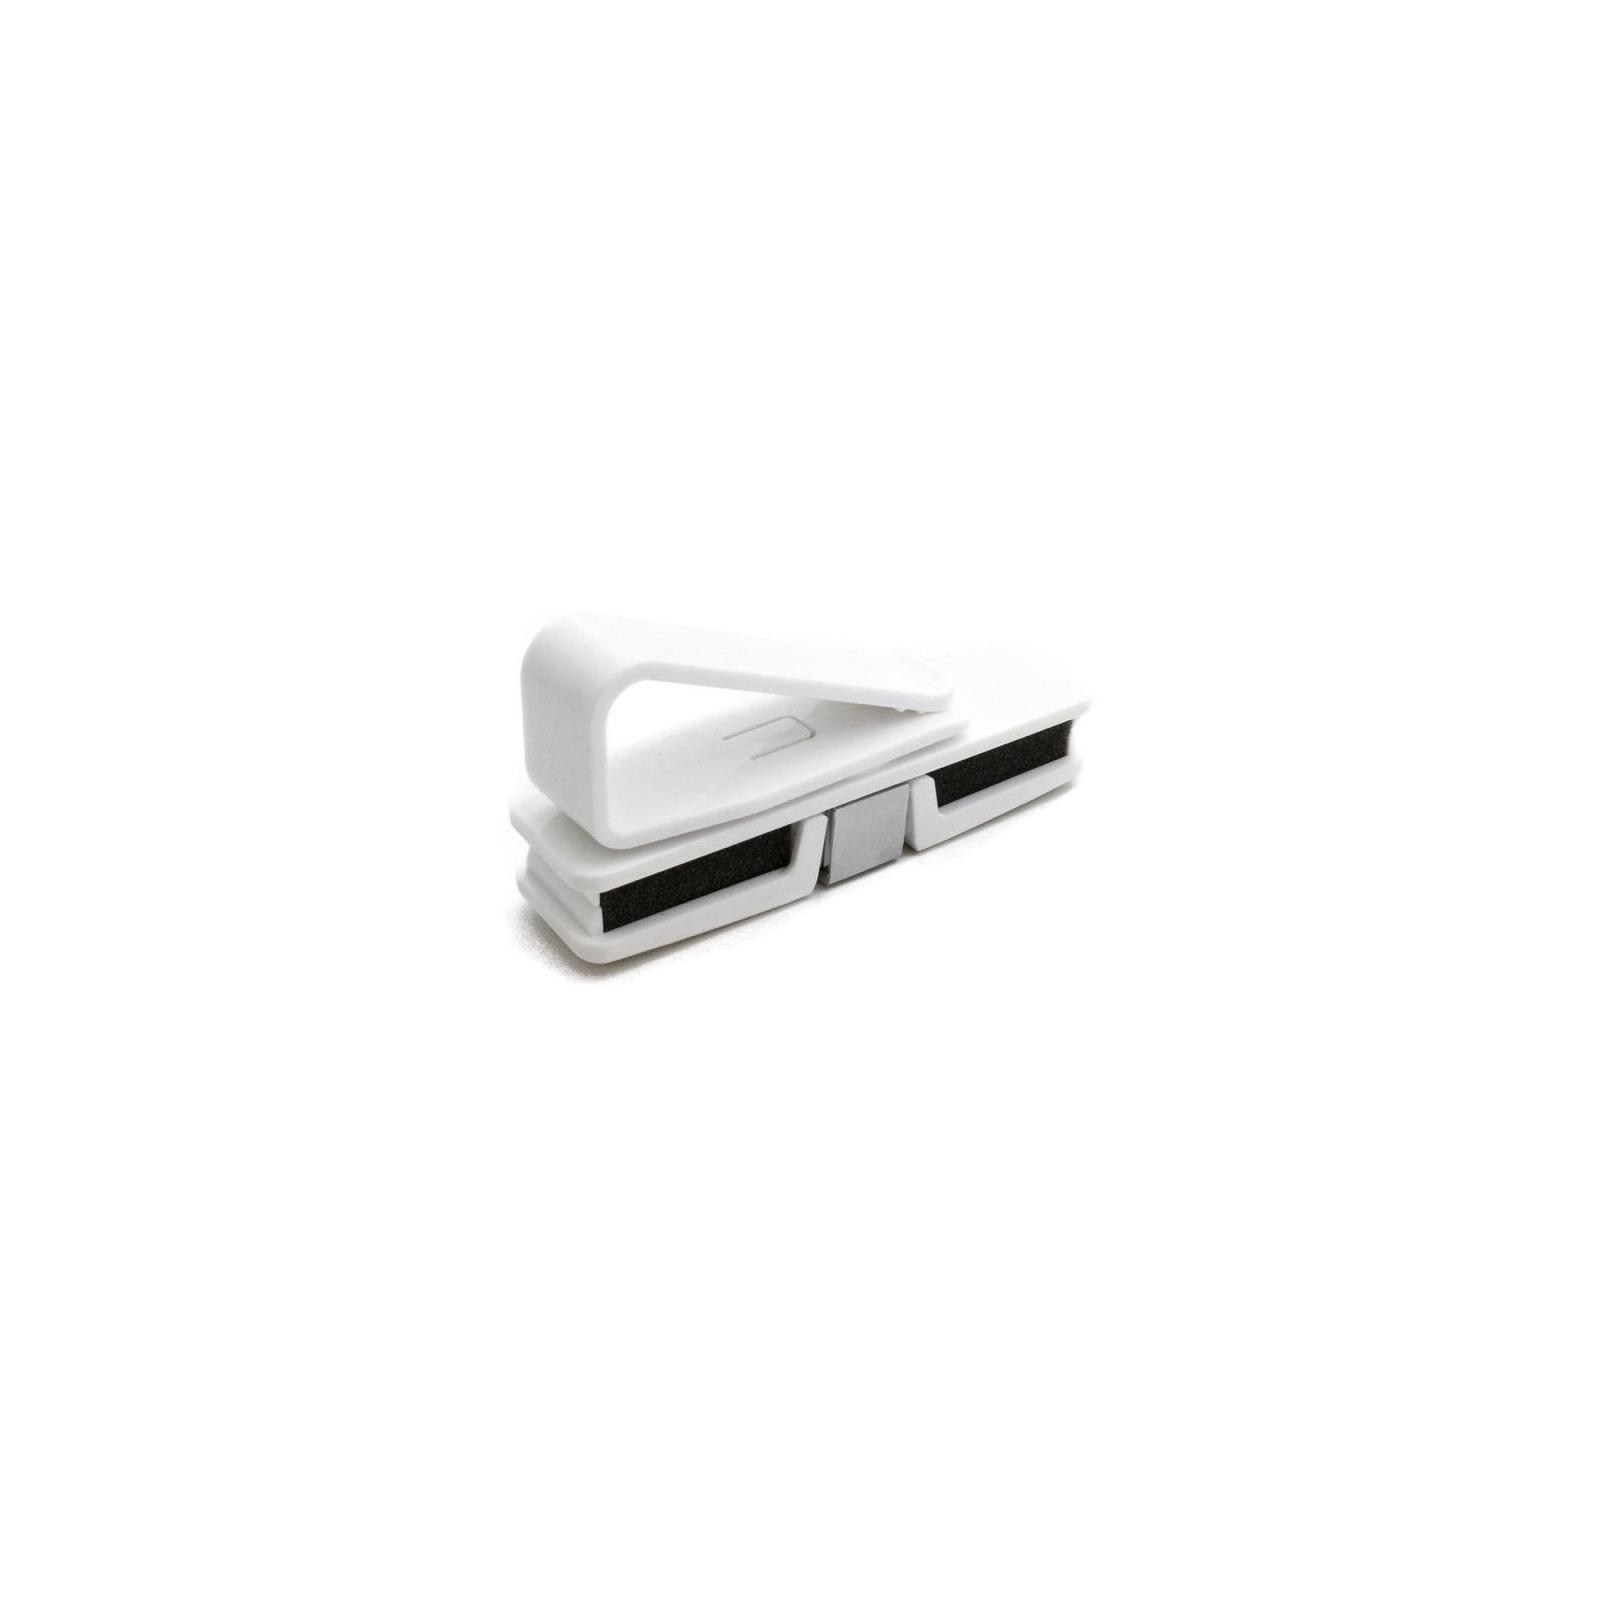 Универсальный автодержатель EXTRADIGITAL для очков Glasses Holder White (CGH4121) изображение 2